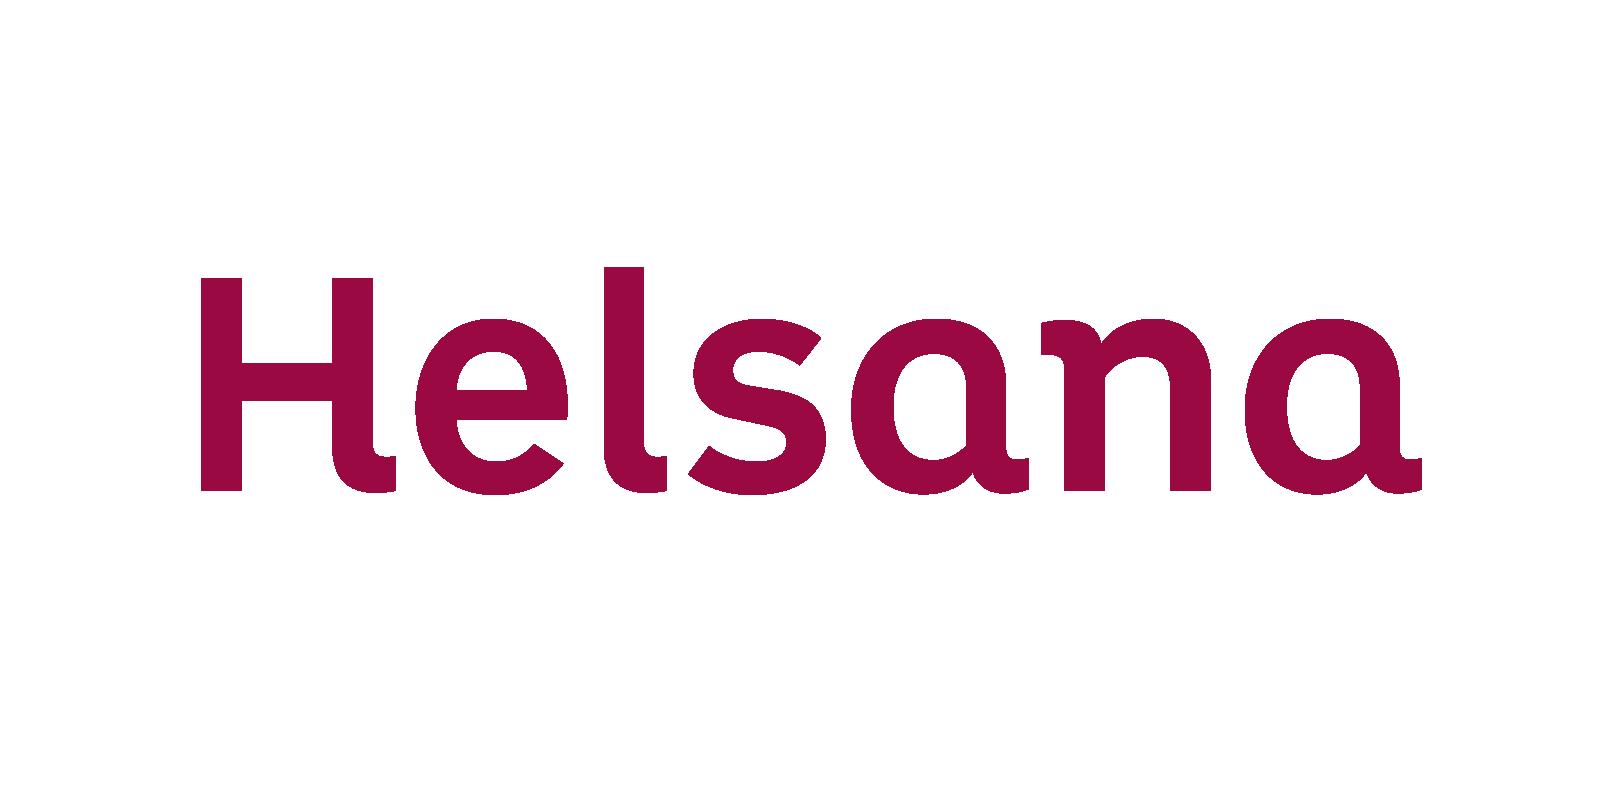 Helsana, Progres, Sansan, Avanex, Maxi